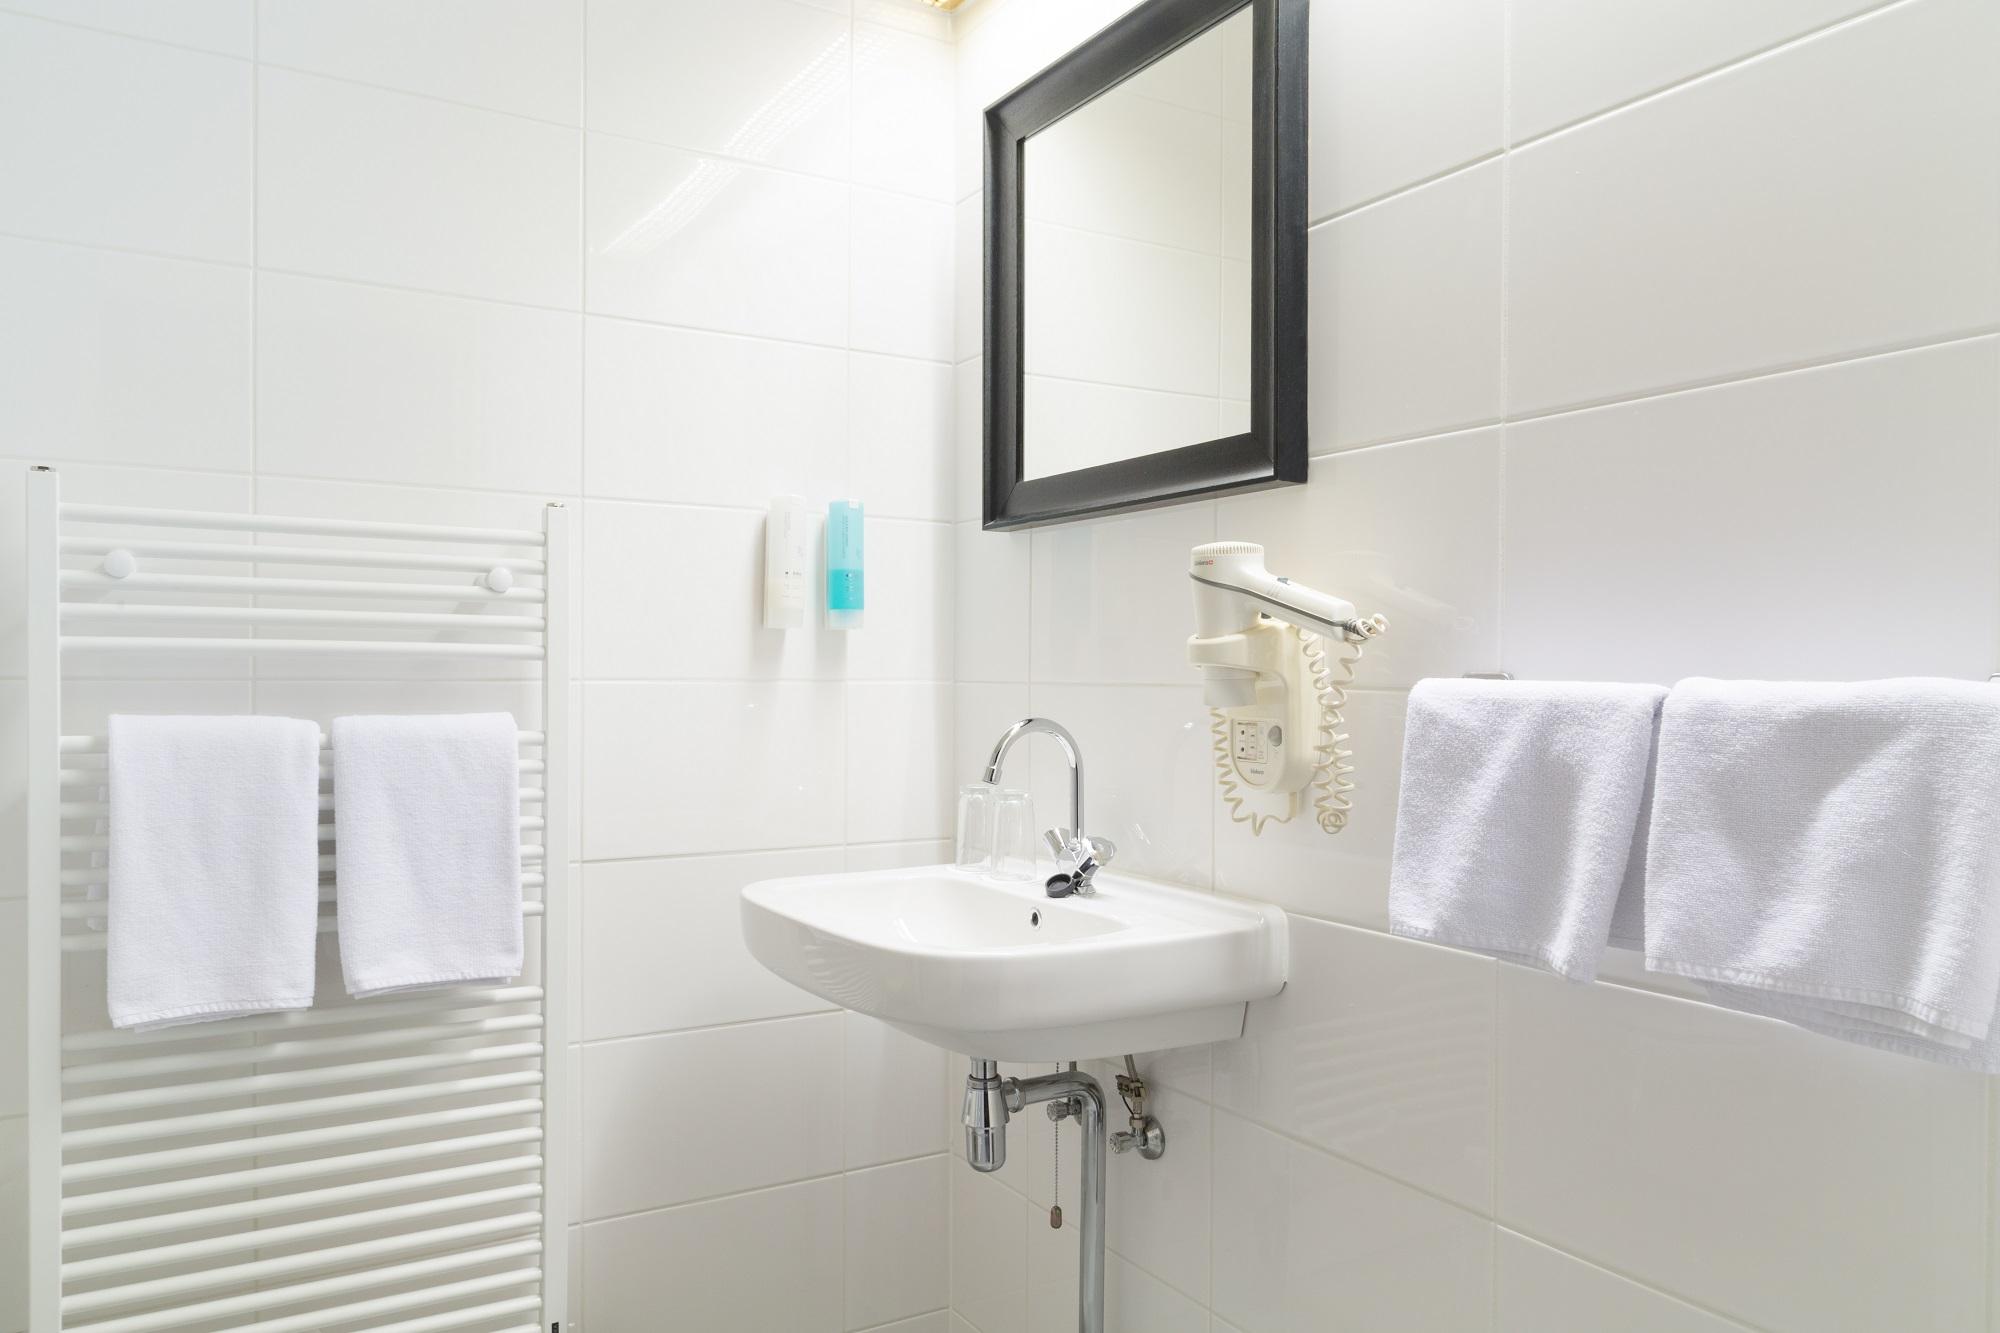 economy3-badkamer – Hotel de Beurs